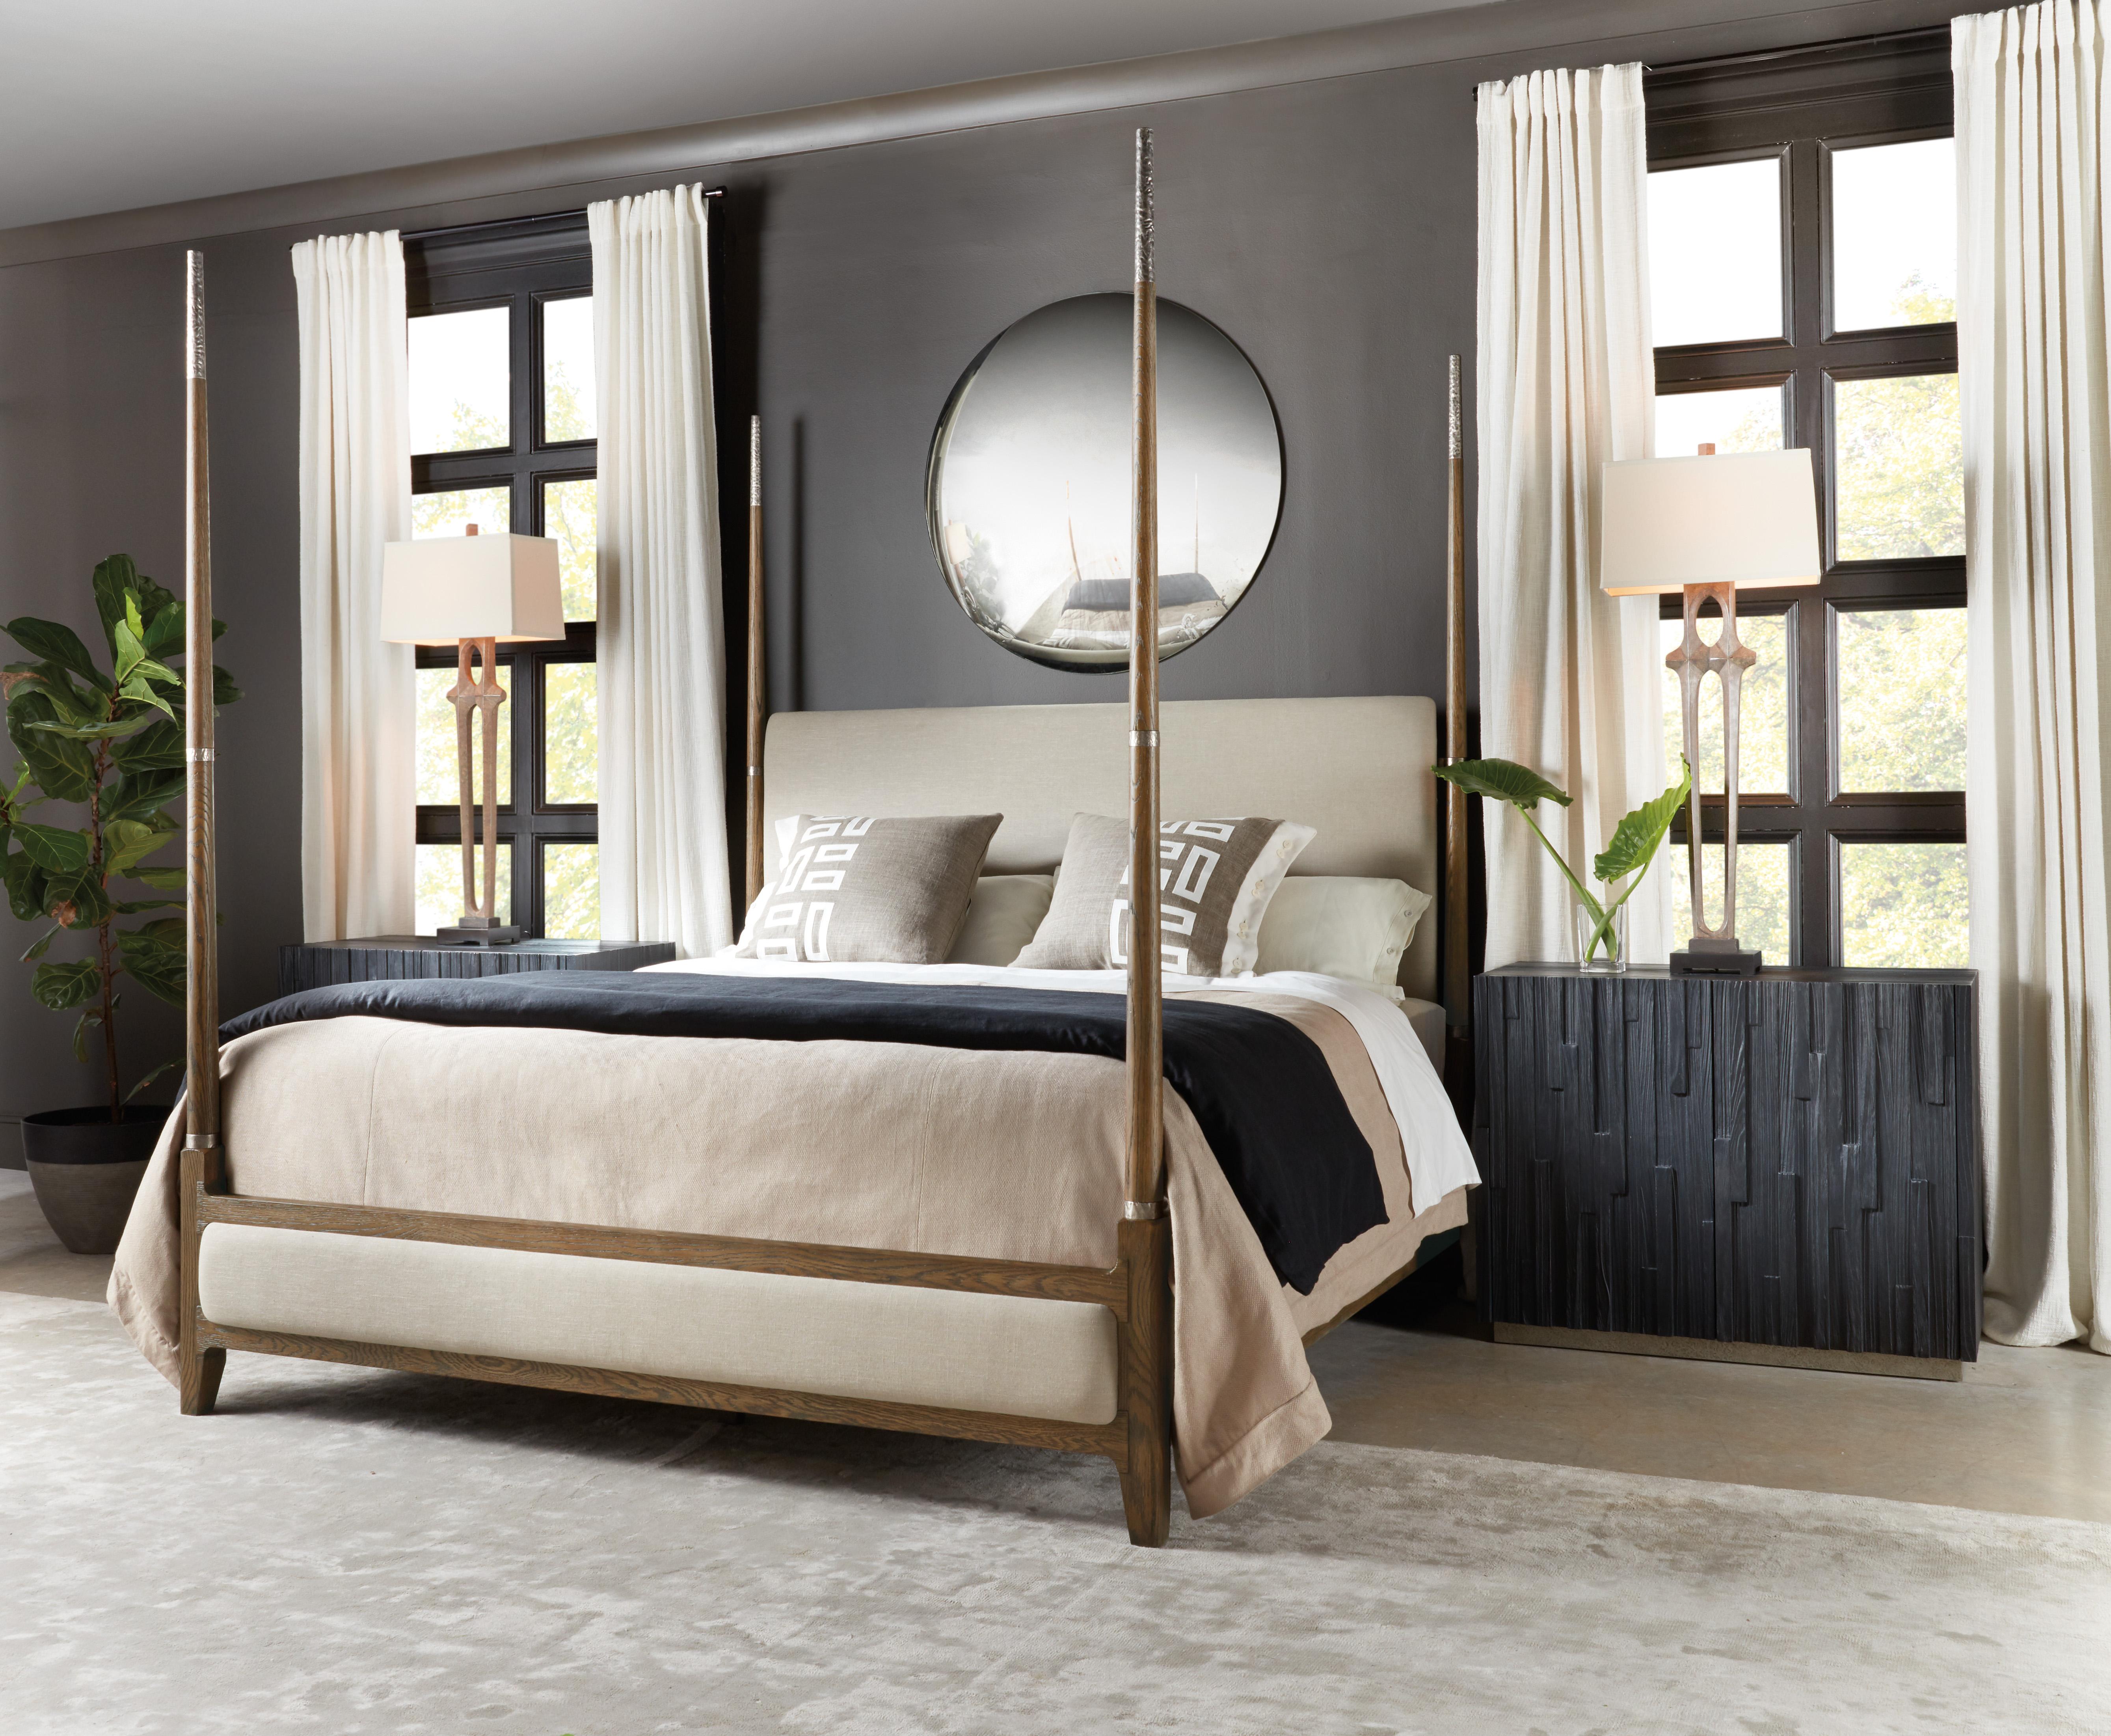 King 3-Piece Bedroom Set